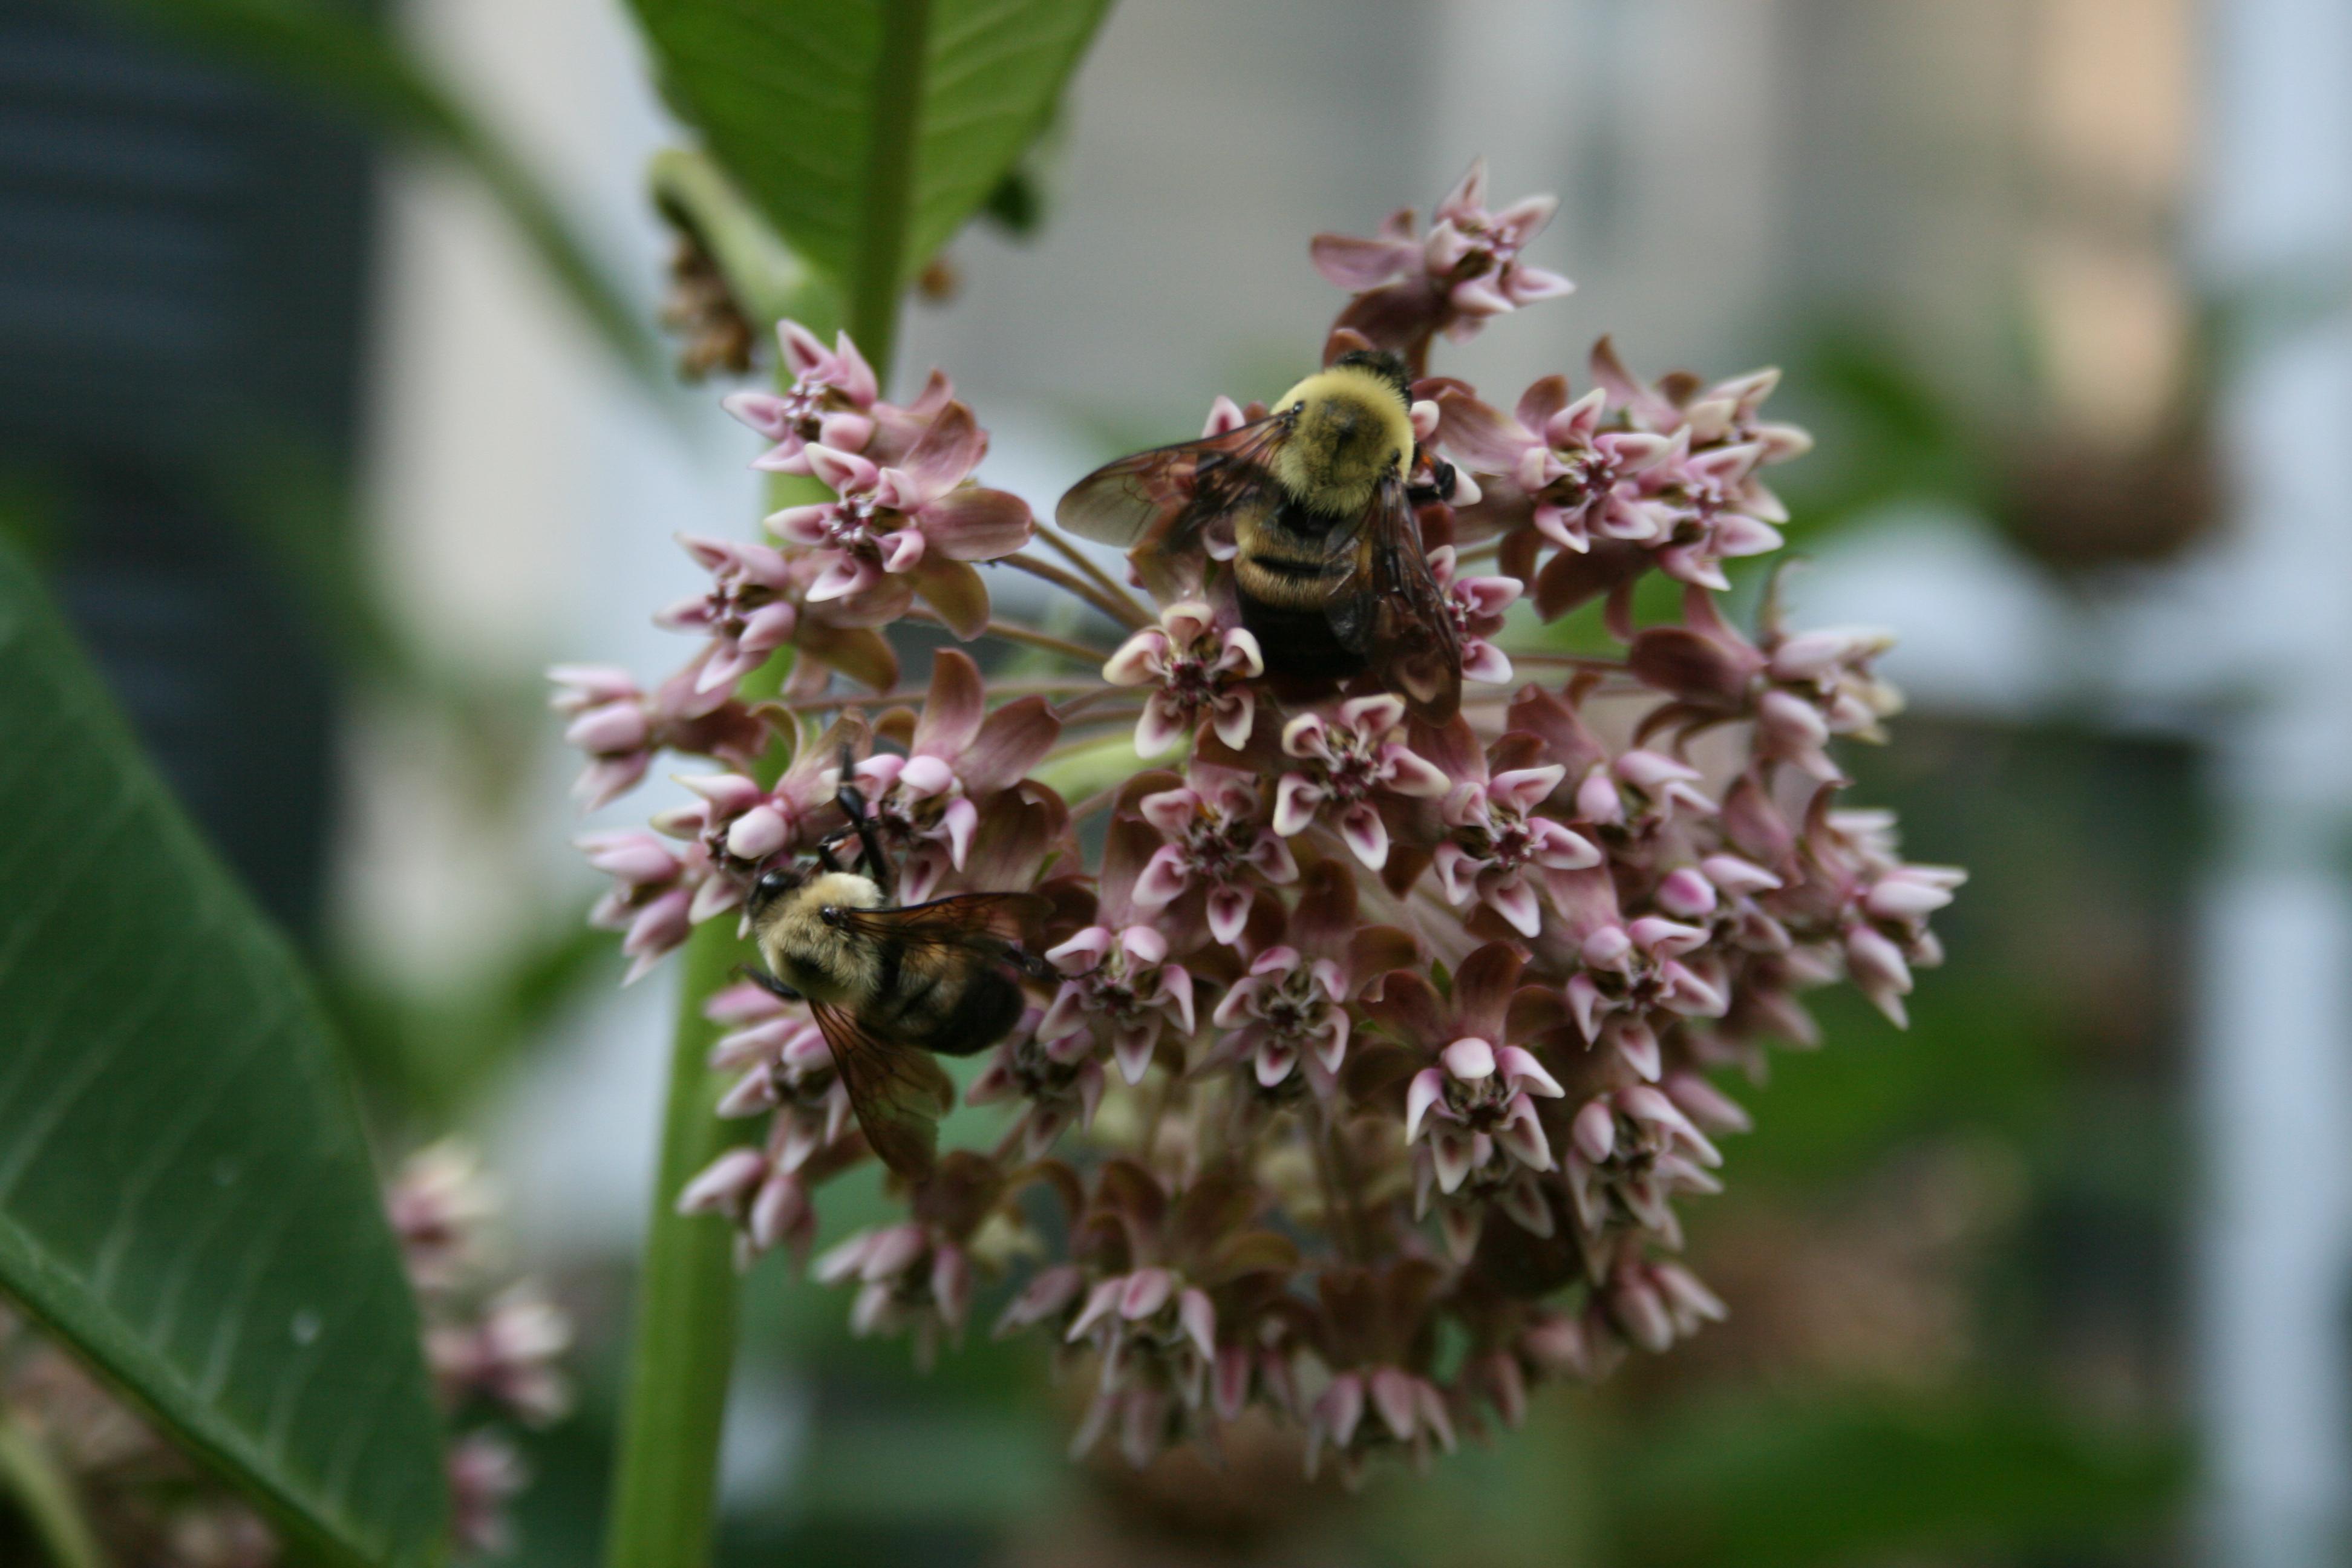 Bees on milkweed